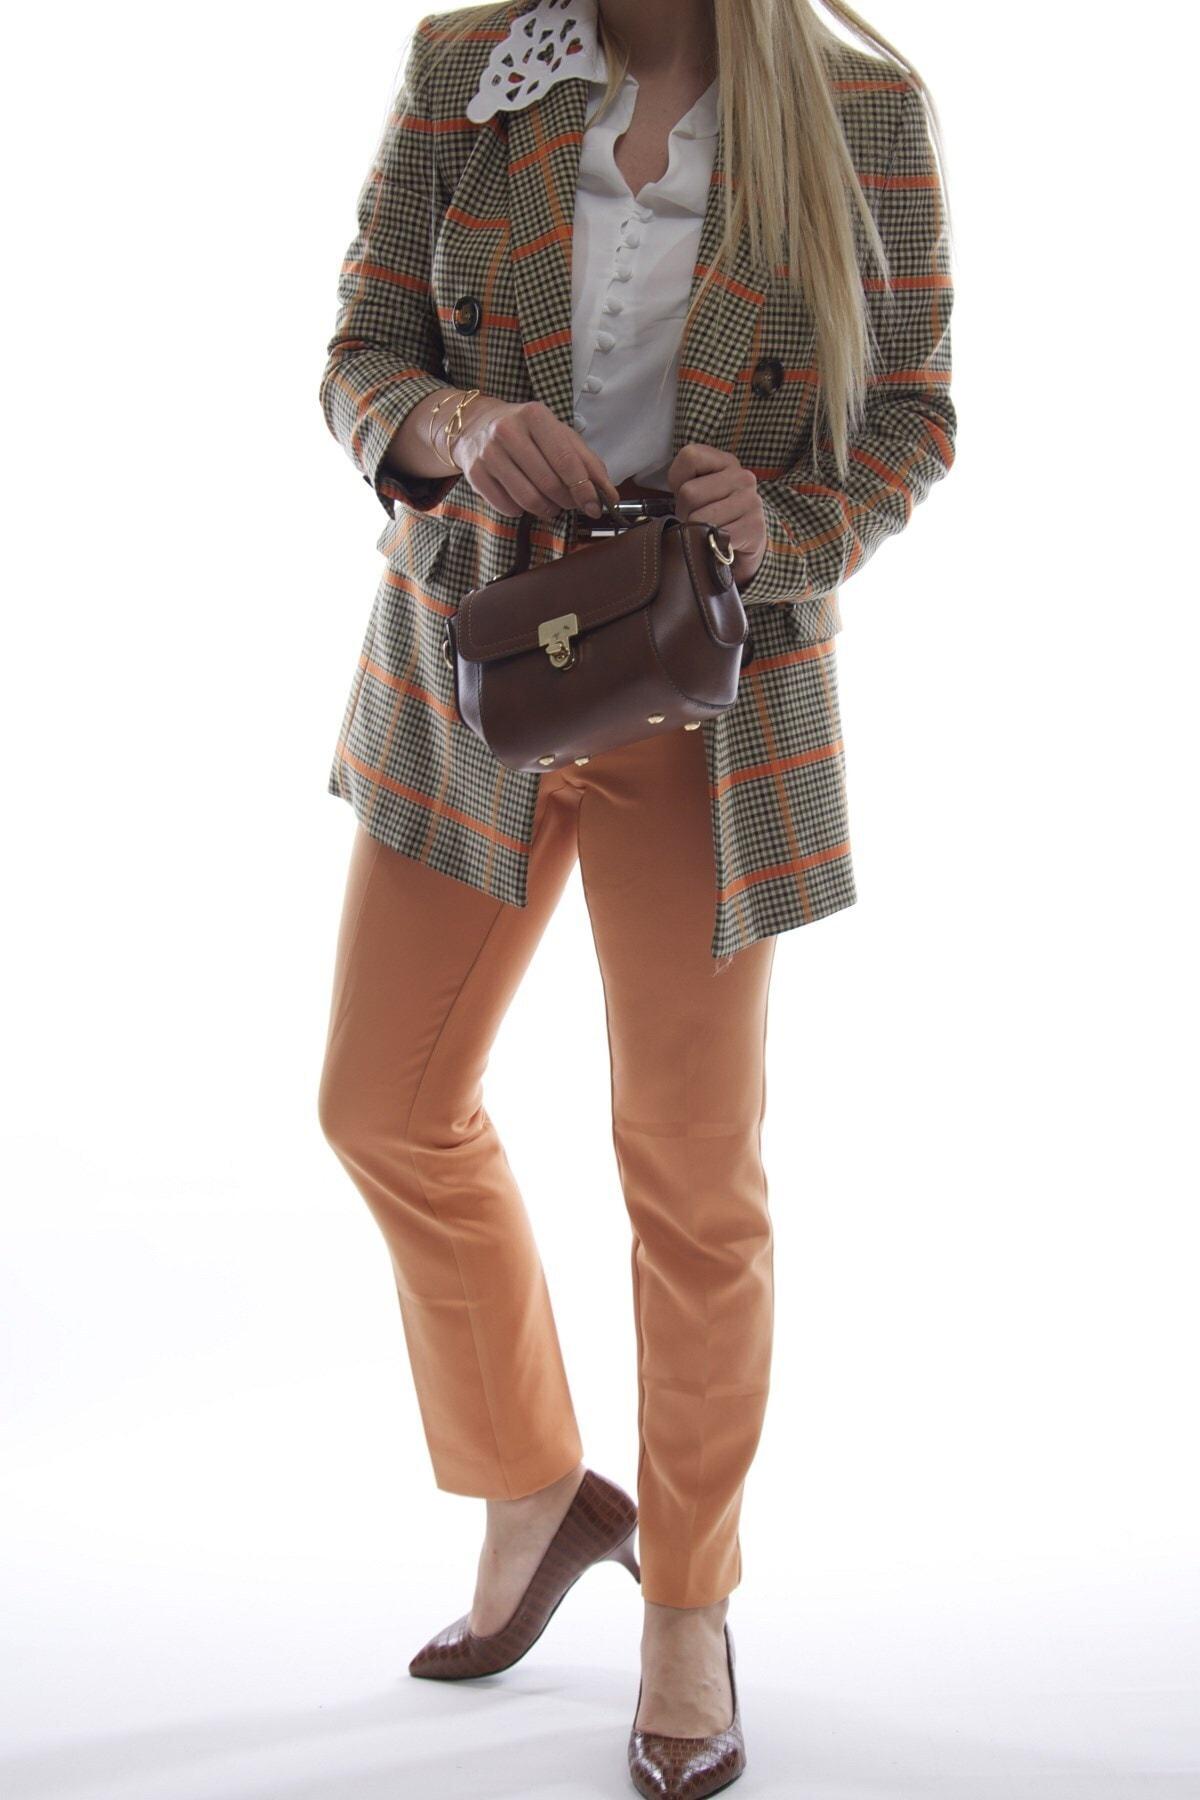 Fume London Kadın Taba Mini Fermuarlı Kapaklı Askılı Omuz ve El Çantası Fb3013 2